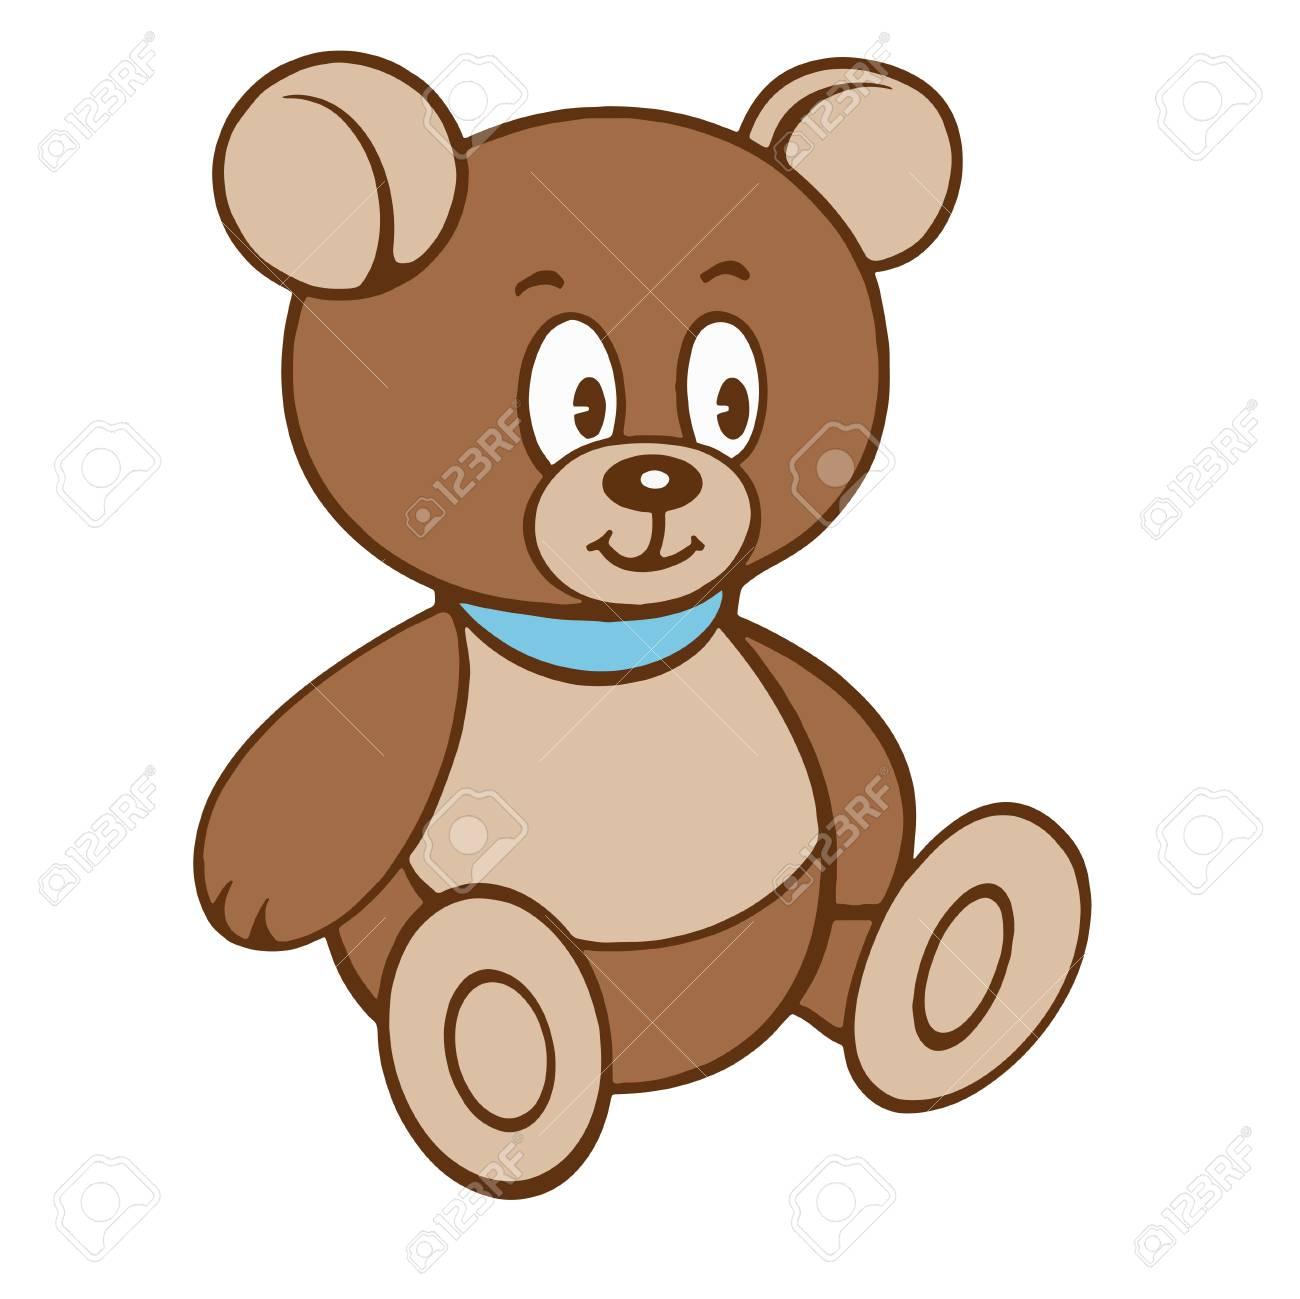 cartoon teddy bear vector illustration on a white background rh 123rf com teddy bear vector silhouette teddy bear vector png